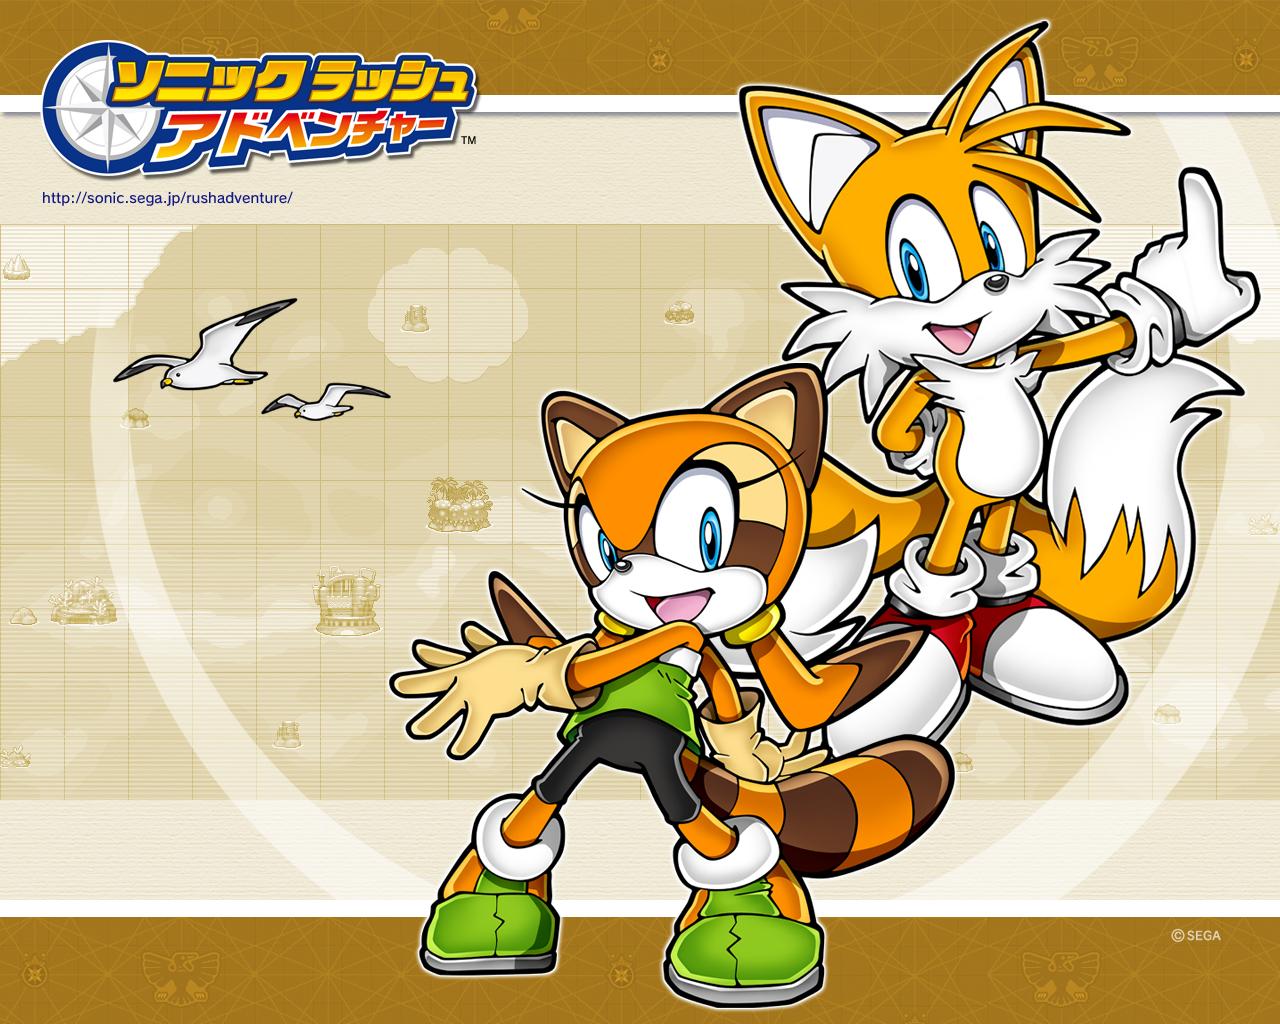 Sonic rush adventure slapps till nintendo ds